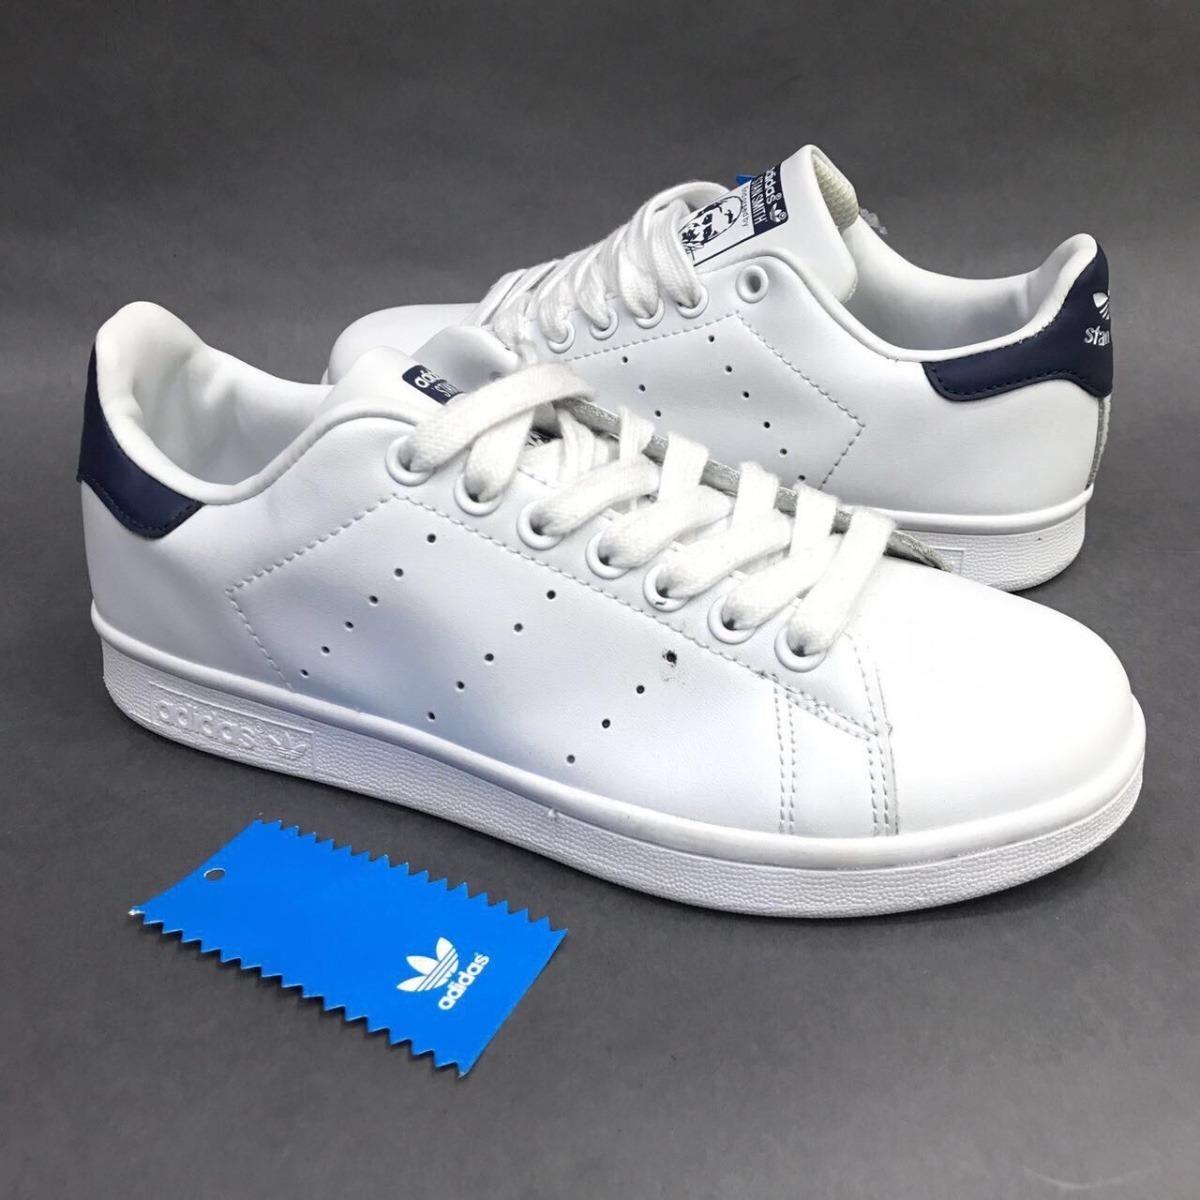 46f899d9825 tenis zapatillas adidas stan smith blanca azul hombre envio. Cargando zoom.